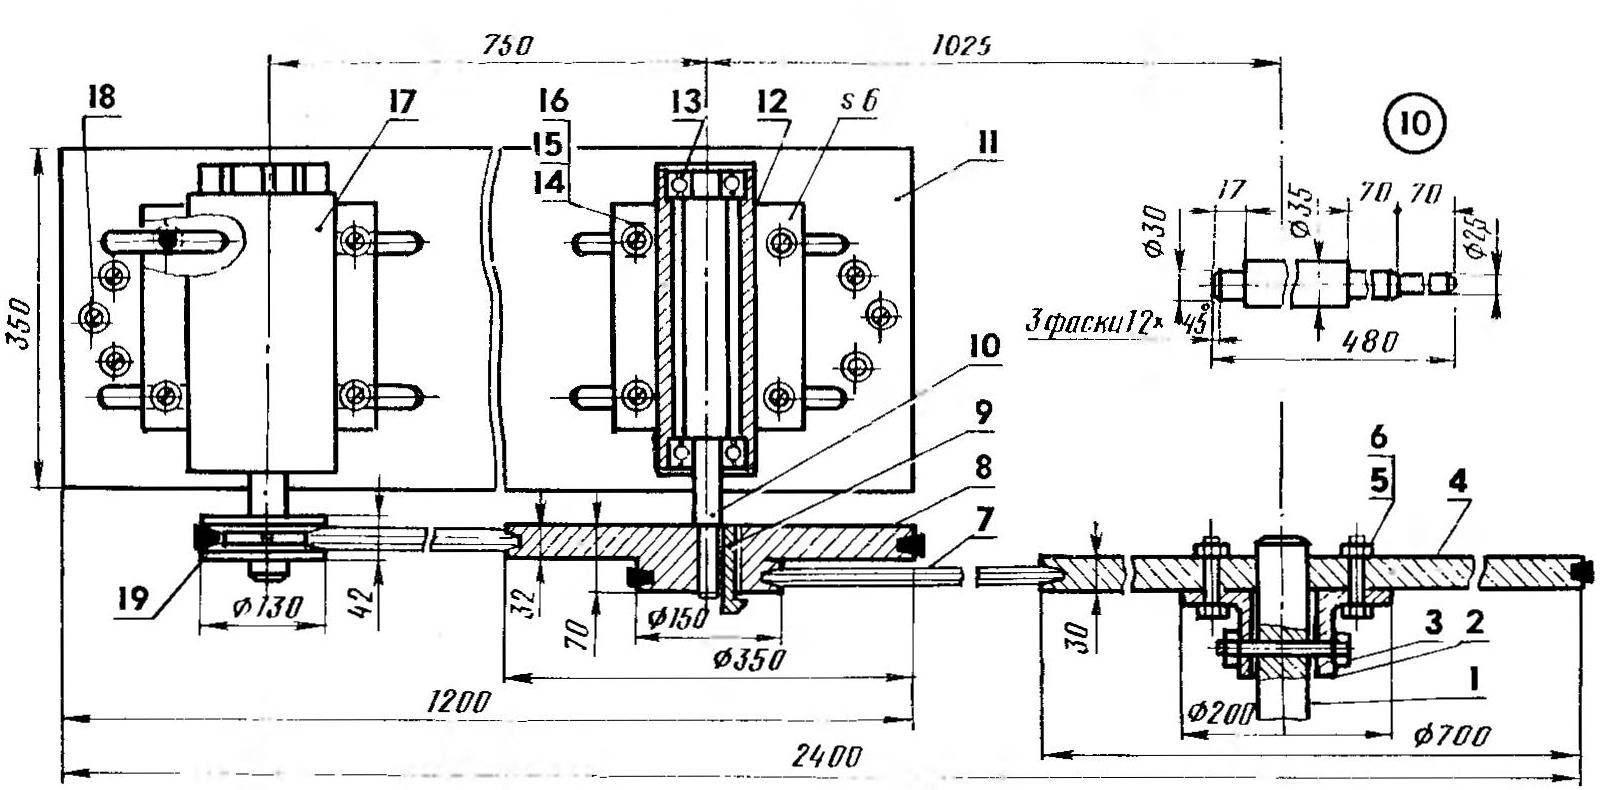 Кинематика одного из вариантов самодельной гидростанции с деталировкой основных узлов (рабочее колесо турбины условно не показано):